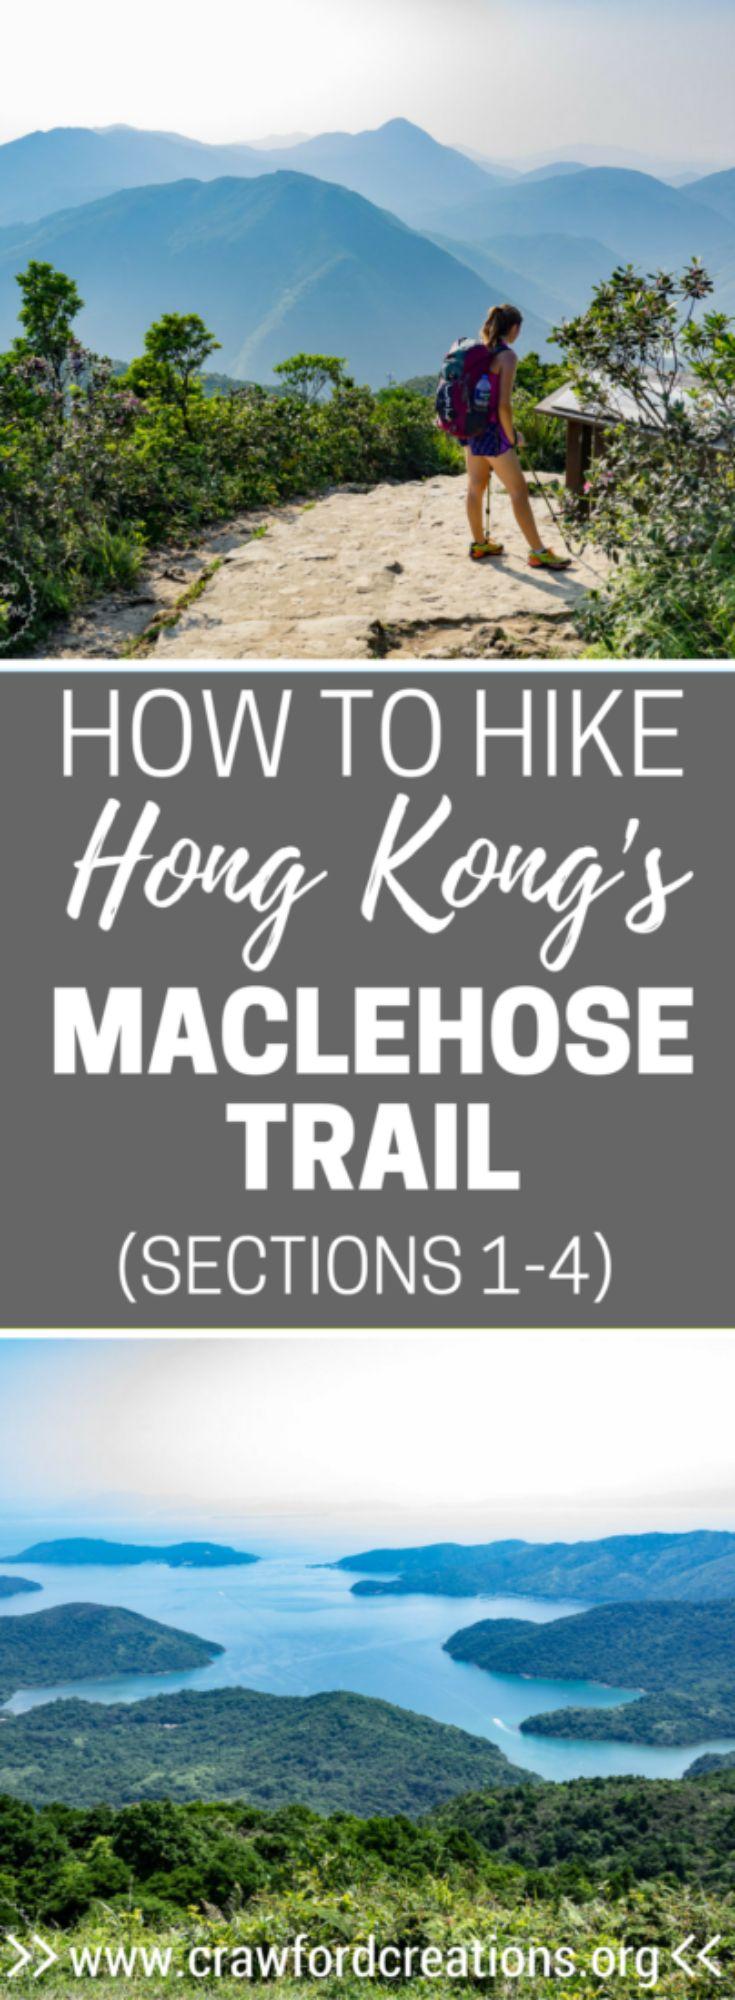 MacLehose Trail | Hong Kong | Hiking | Hong Kong Hiking | Hiking MacLehose Trail | Backpacking | Hong Kong Trails